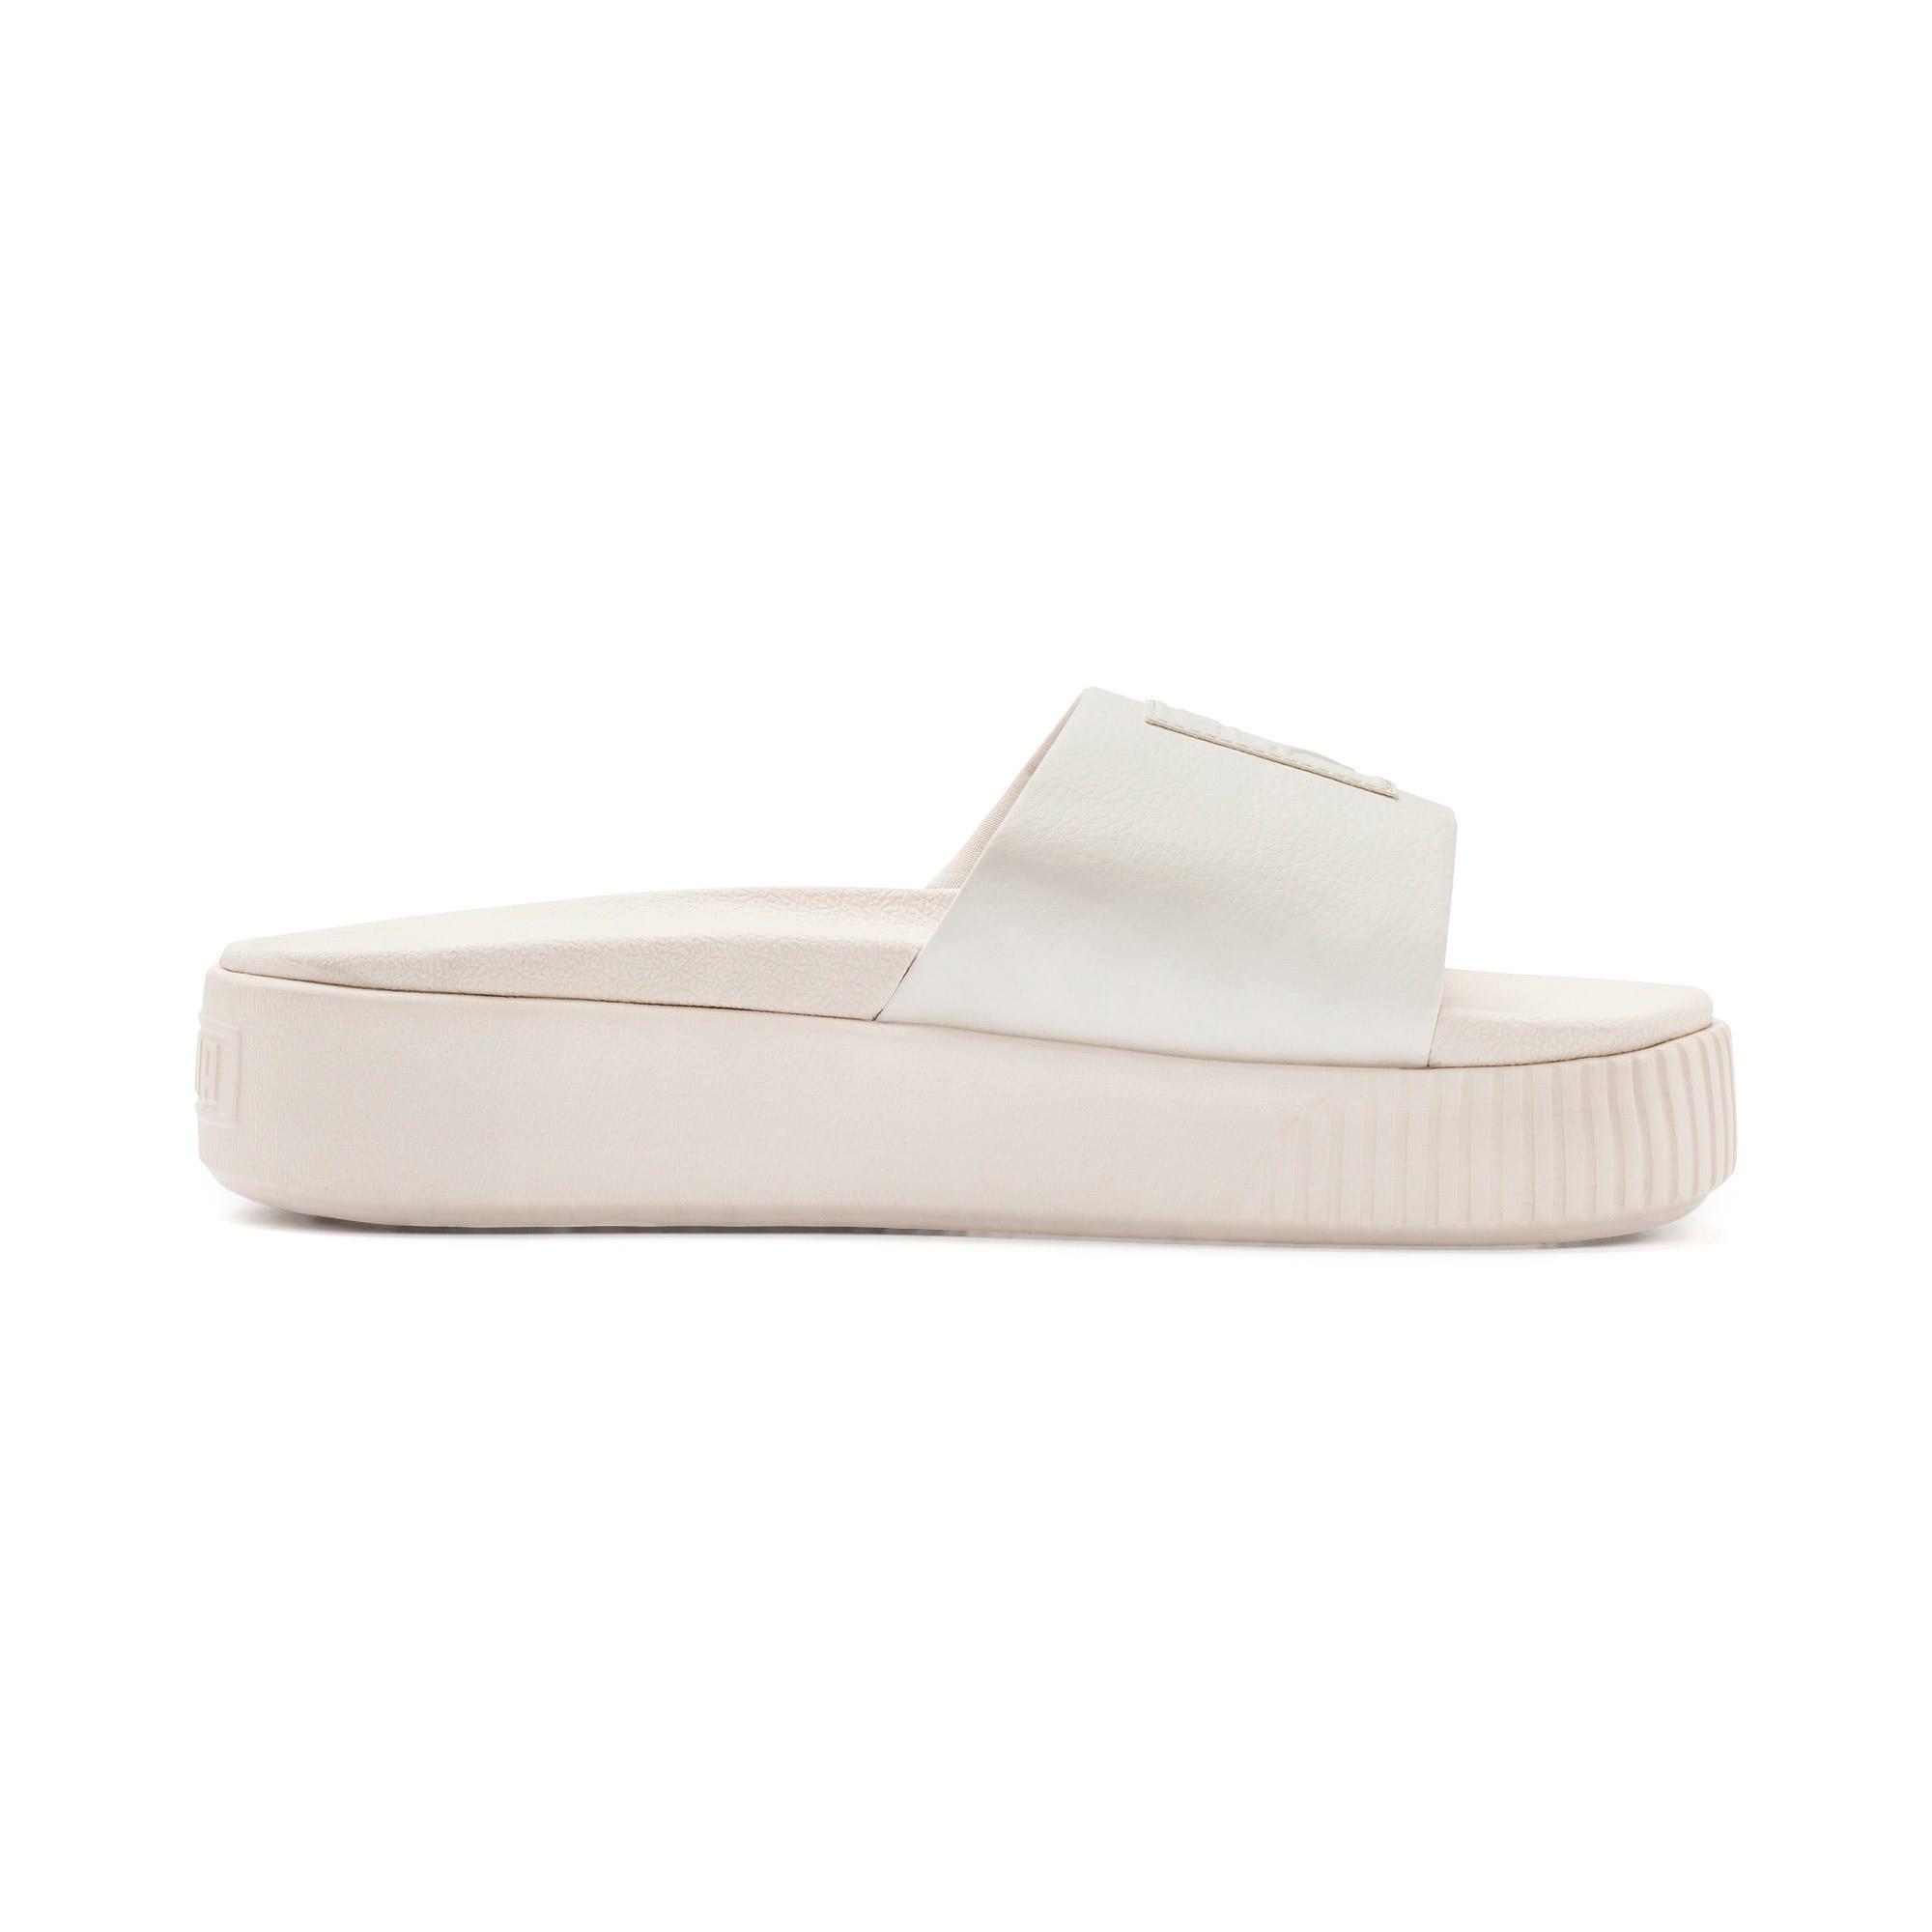 Thumbnail 5 of Platform Slide Women's Sandals, Pastel Parchment-Pastel Par., medium